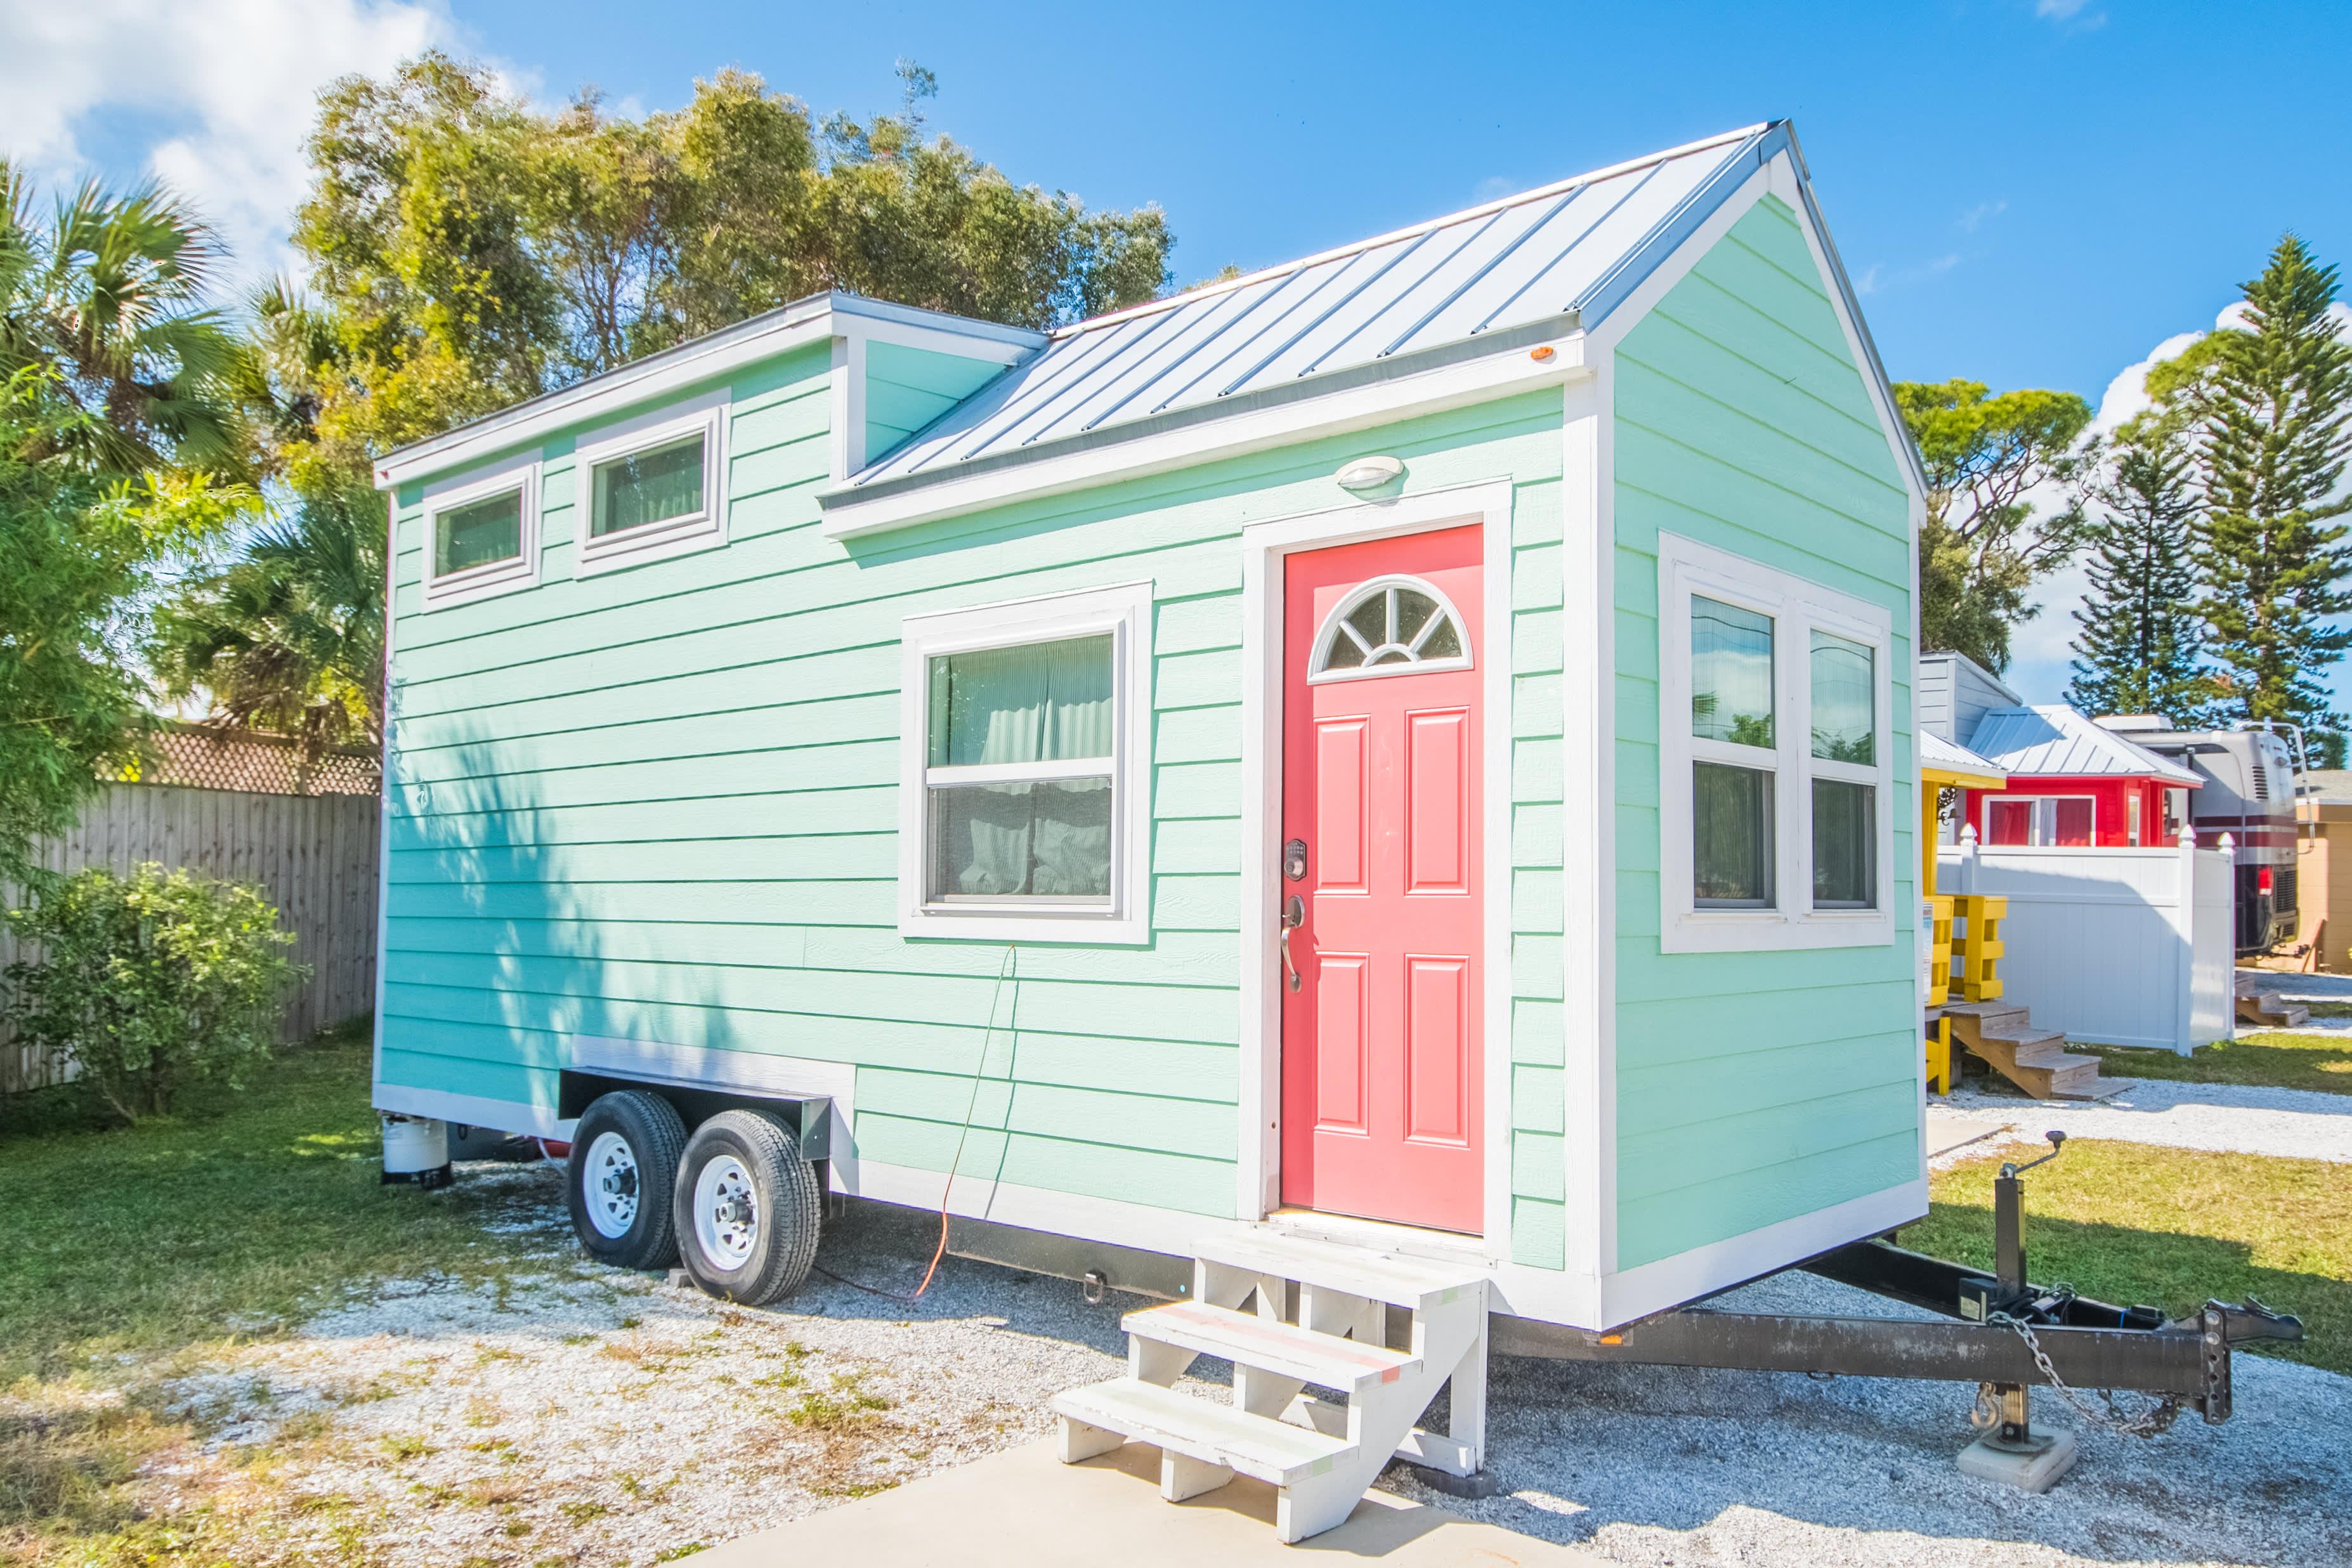 Tiny House Resort Florida Rental Photos Apartment Therapy